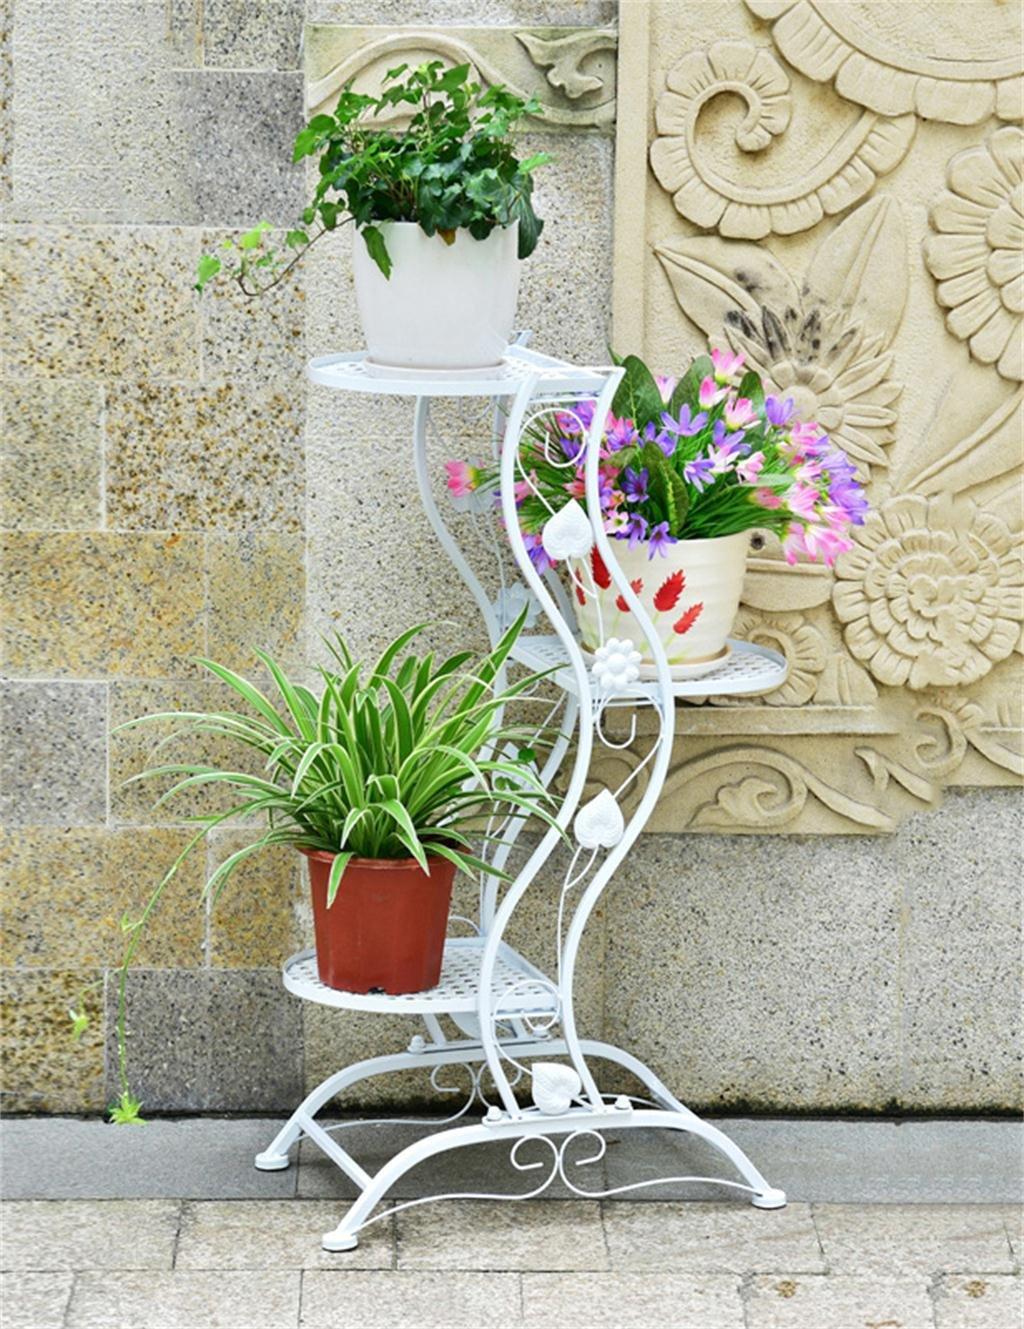 Europäischer kreativer dreistöckiger Eisen-Fußboden-Blumen-Topf-Regal, Zahnstangen, hängend Orchidee-Blumen-Topf-Halter für Innen-, Balkon ( farbe : Weiß )